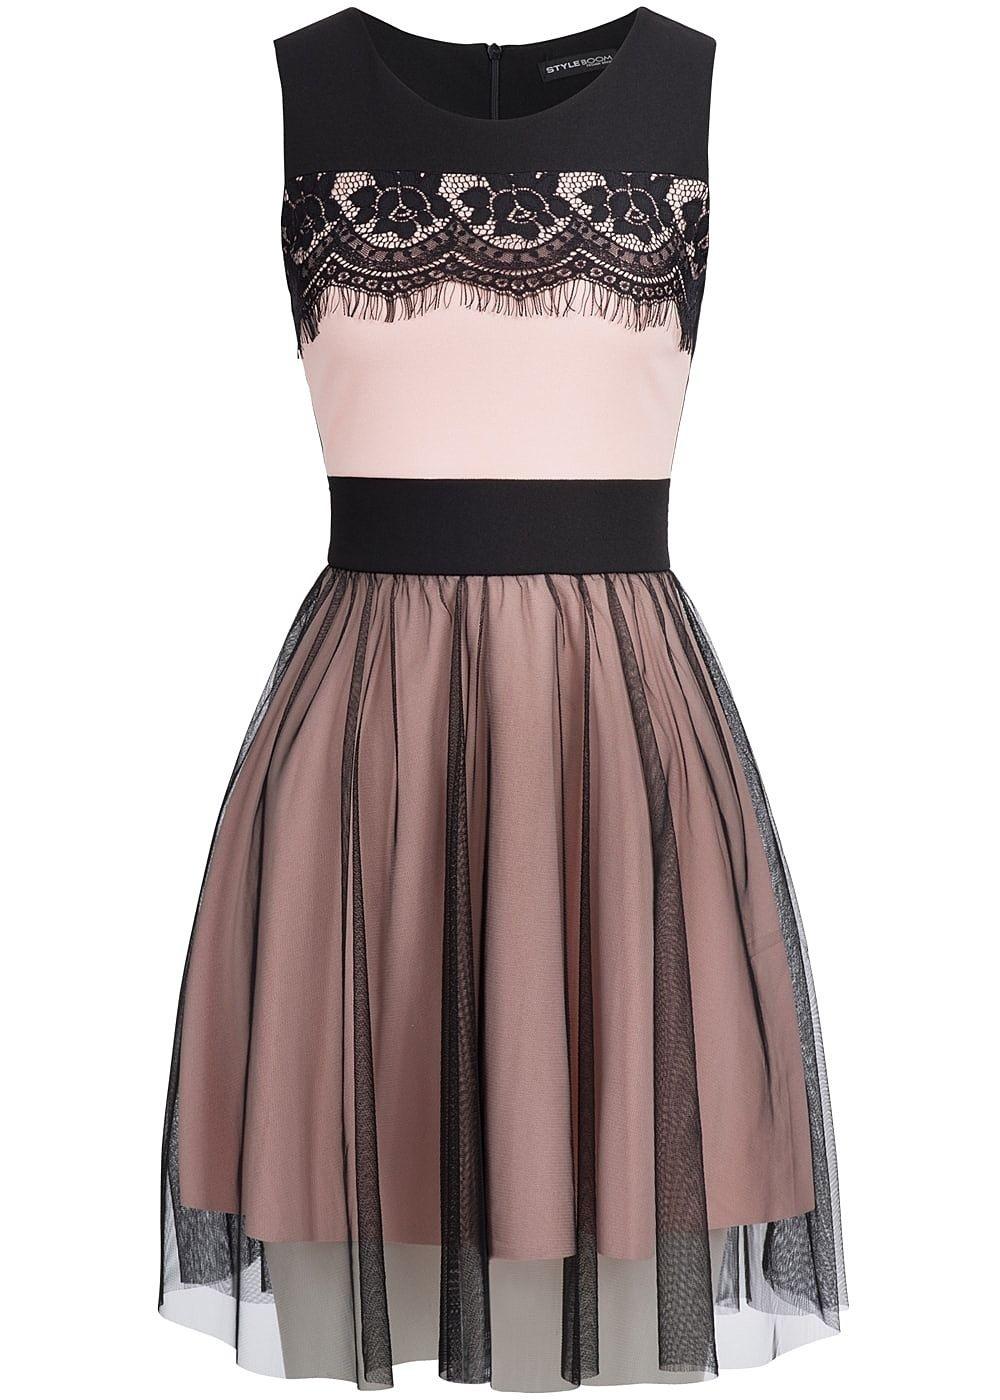 10 Erstaunlich Kleid Schwarz Rosa Stylish20 Schön Kleid Schwarz Rosa Spezialgebiet